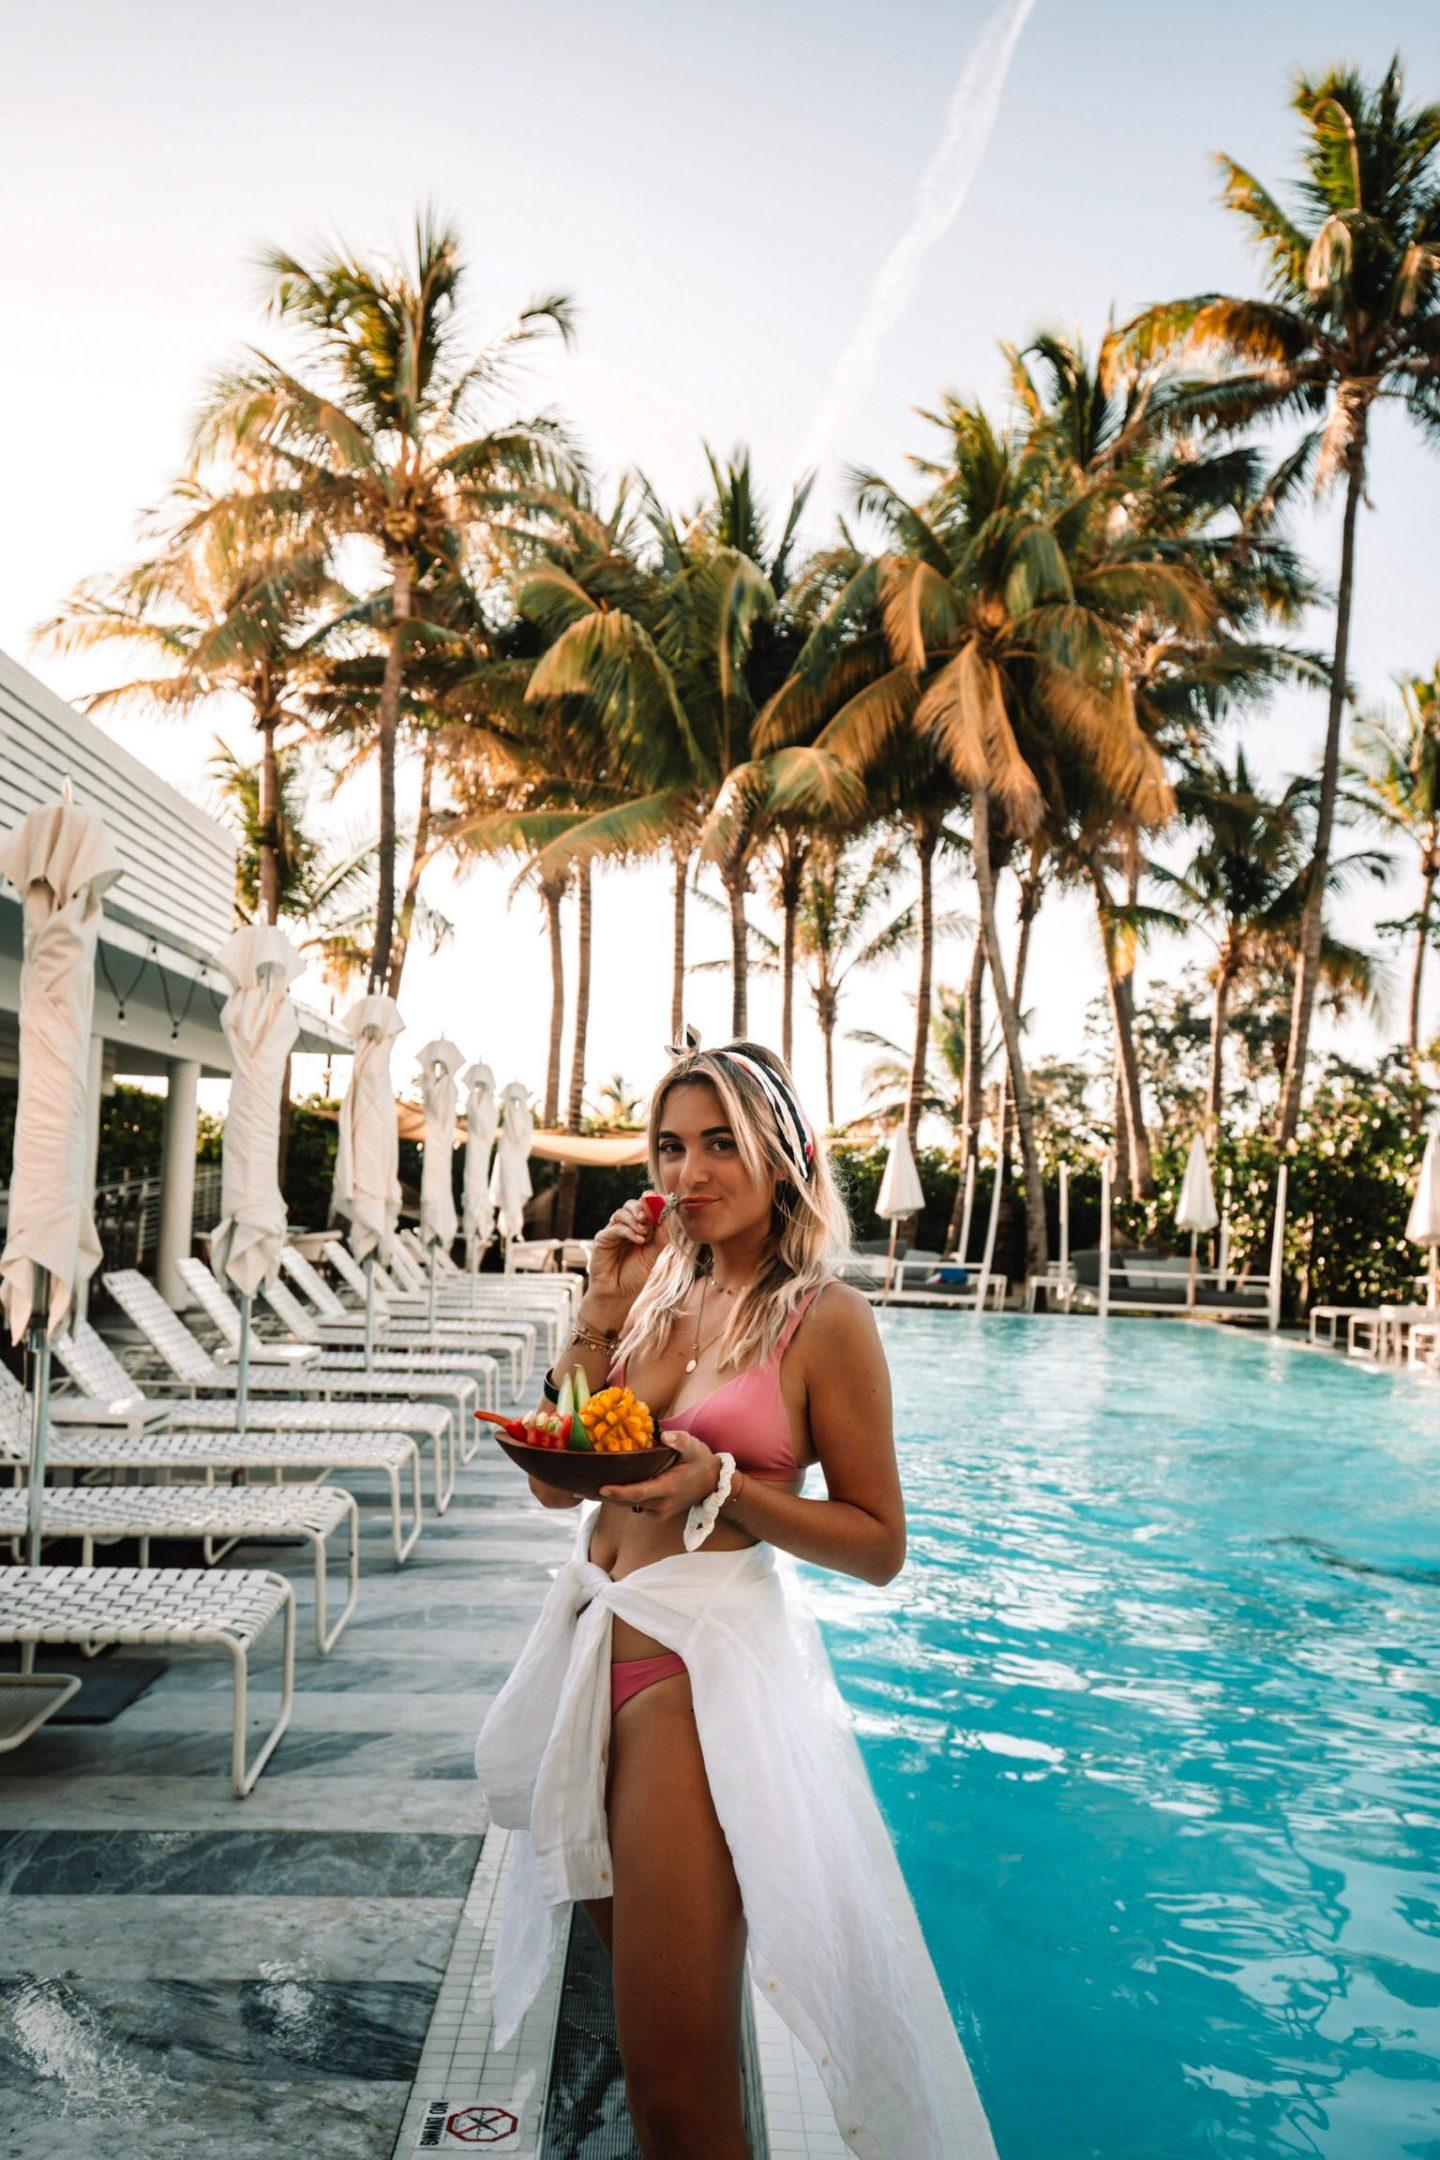 COMO hotel Miami Beach - Blondie Baby blog mode et voyages